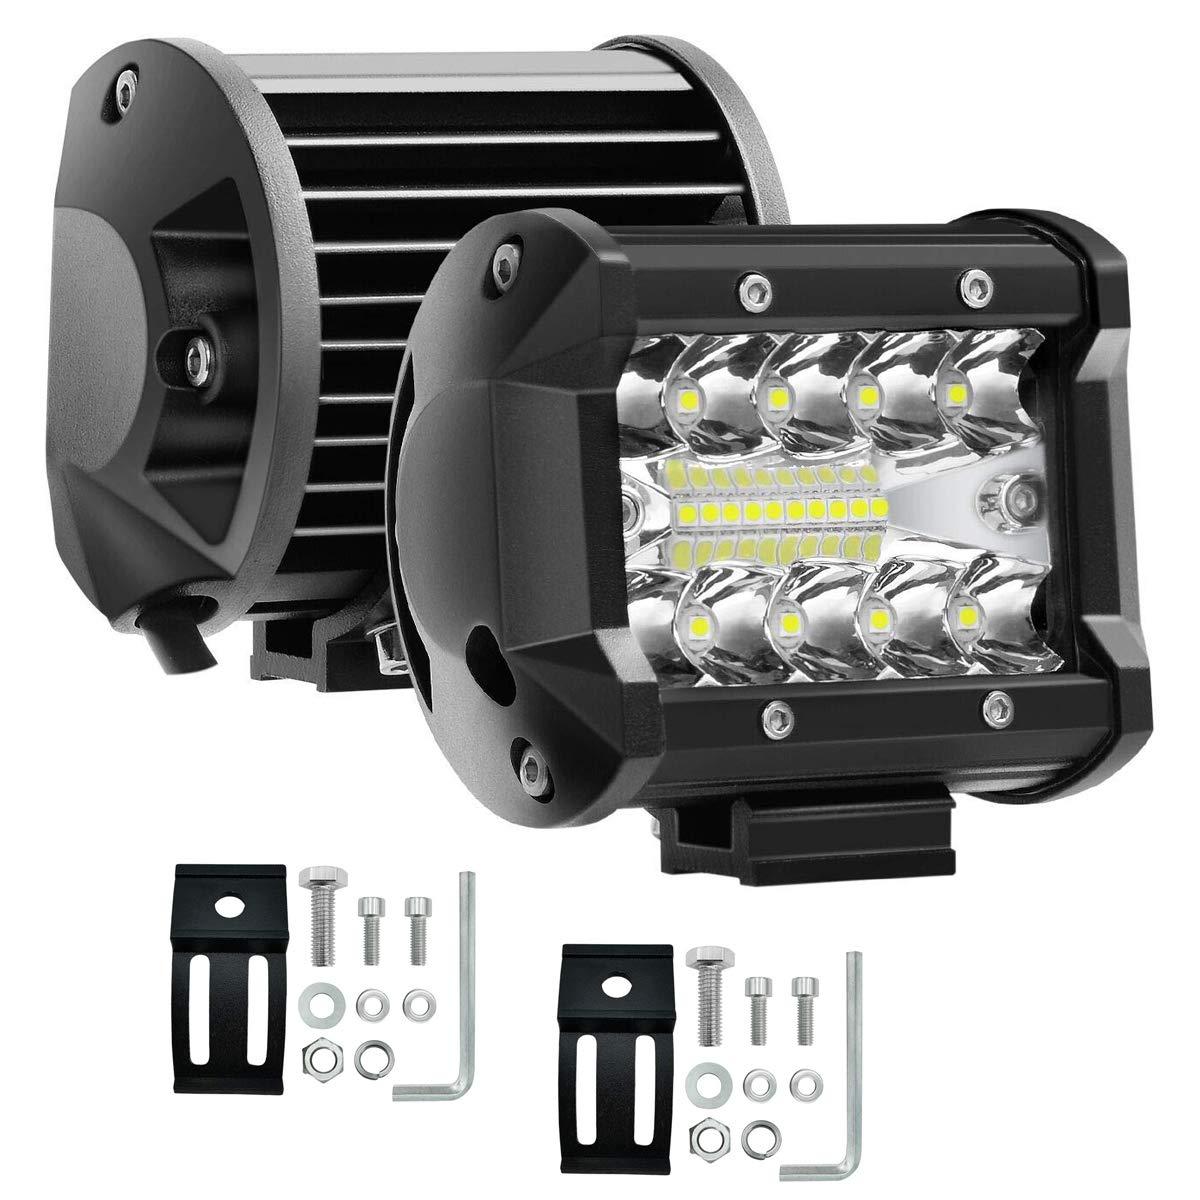 17,8 x 15,2 cm rechteckig Schwarz mit DRL f/ür Wrangler YJ Cherokee XJ H6054 H6054LL 69822 6052 6053 7x6 inch 105 AUXTINGS LED Scheinwerfer 12,7 x 17,8 cm